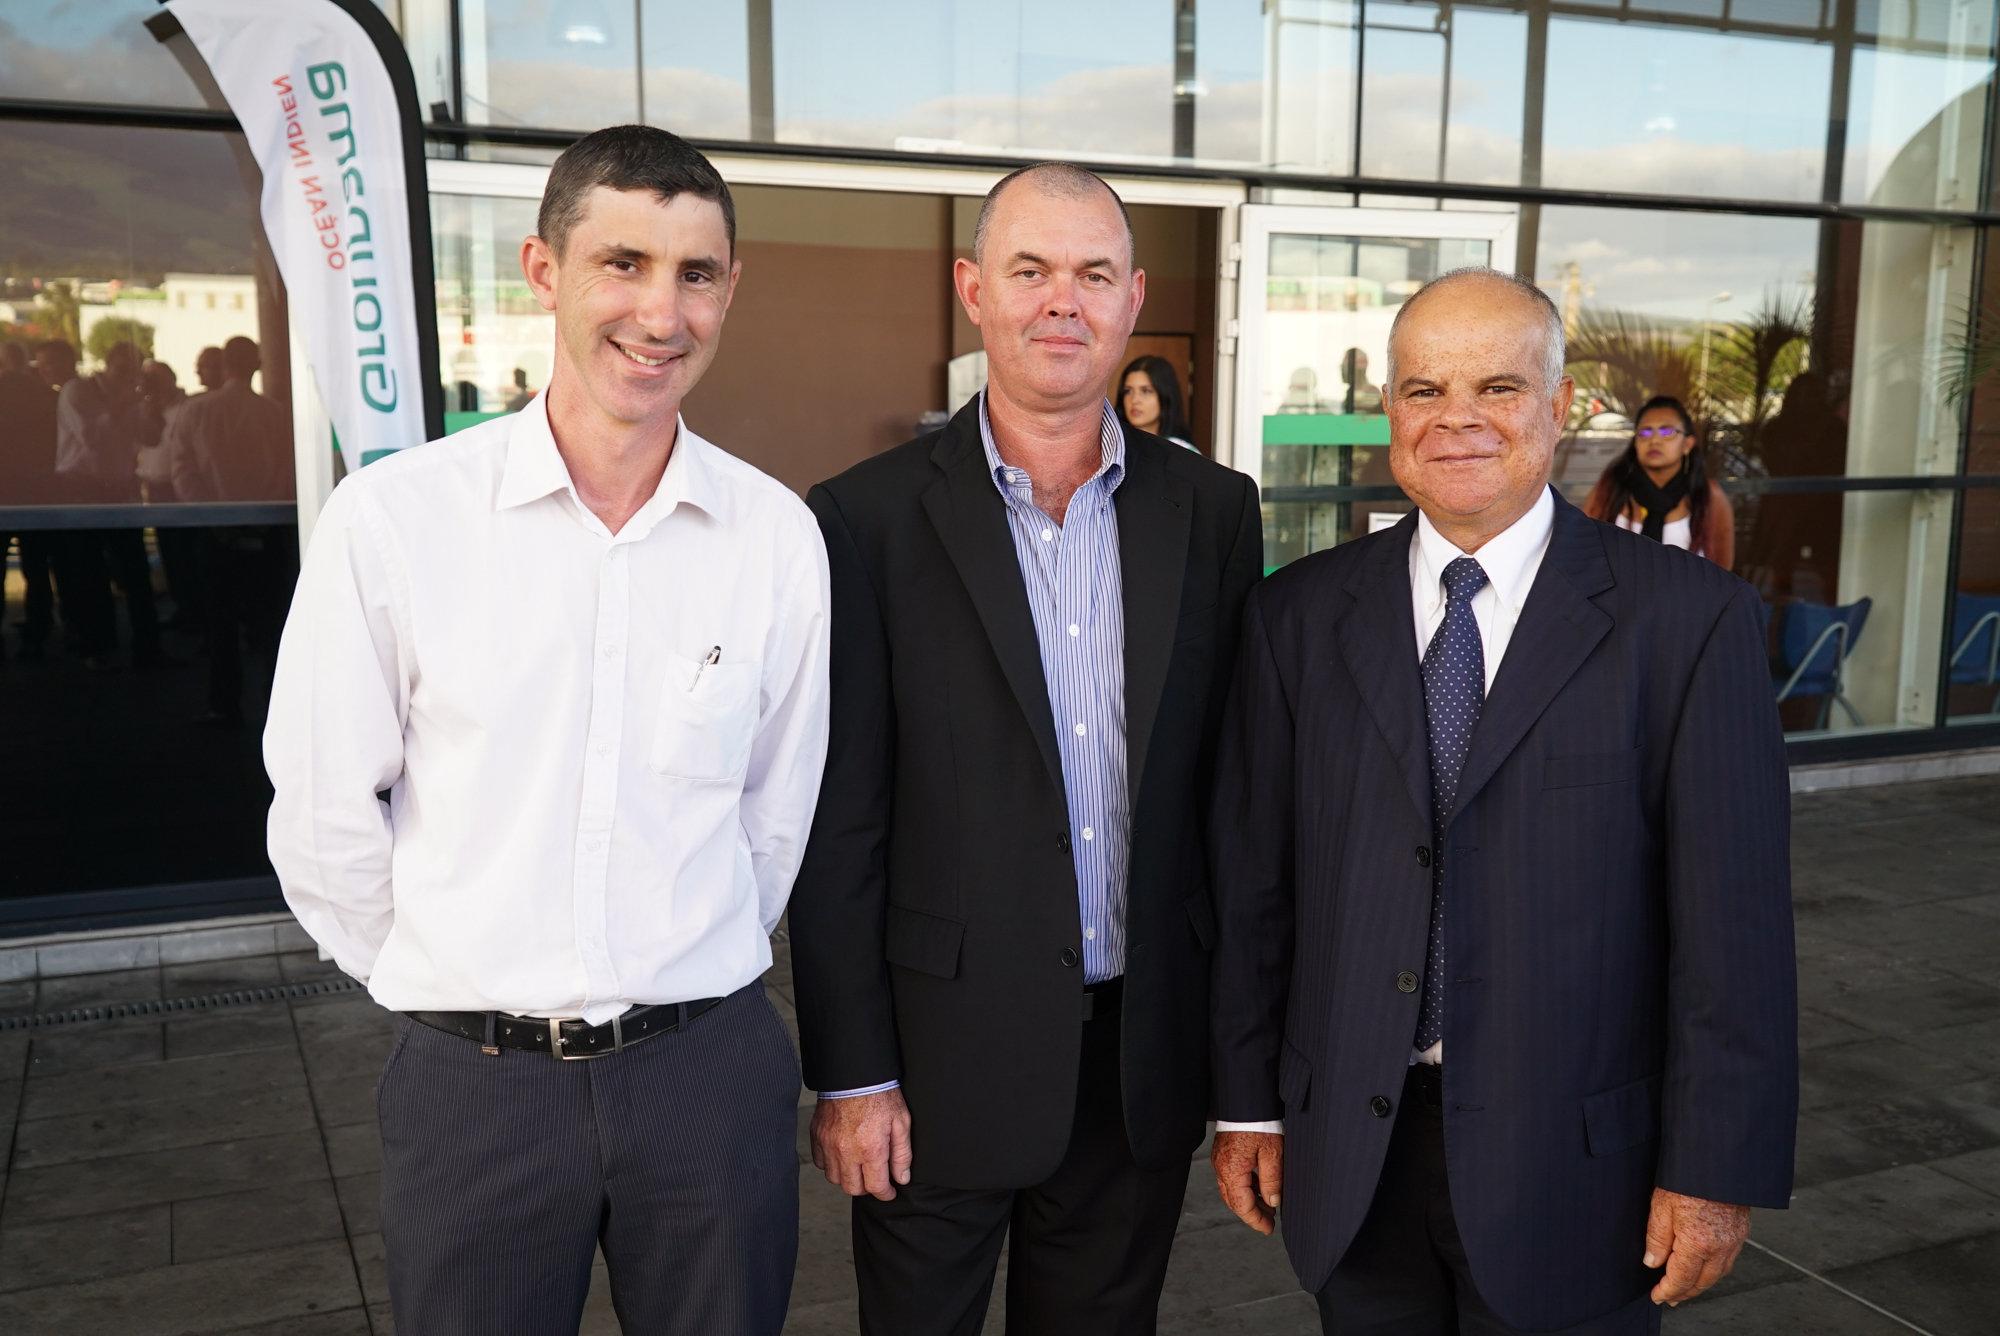 Jérôme Gonthier, président URCOOPA et président de Groupama Petite Ile, Eric Payet, vice-président de Groupama Saint-Pierre, et Jean-Bernard Grondin, président de Groupama Le Port